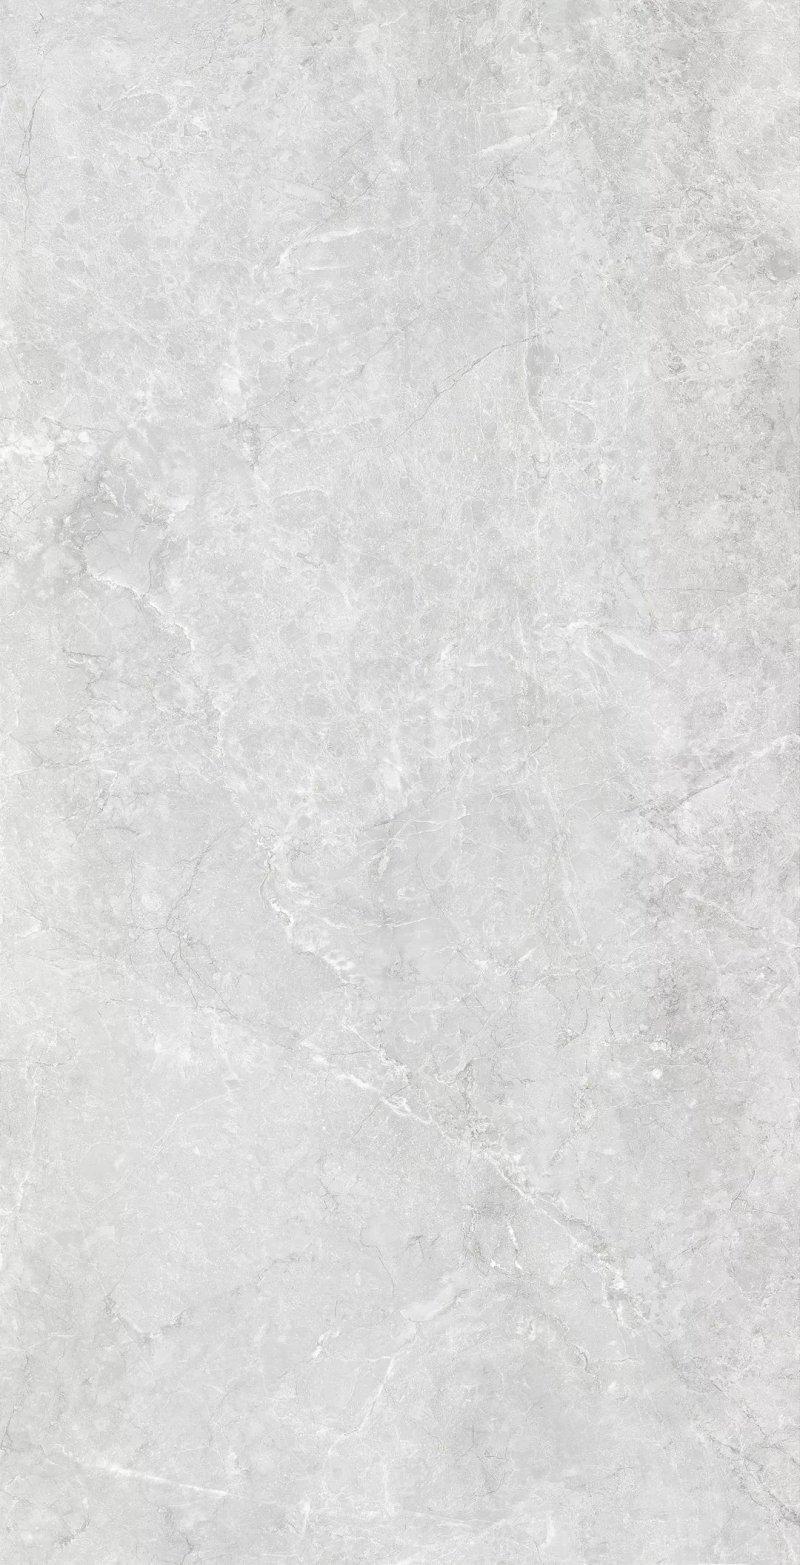 金舵陶瓷圖片N次方新品 現代北歐風格陶瓷效果圖